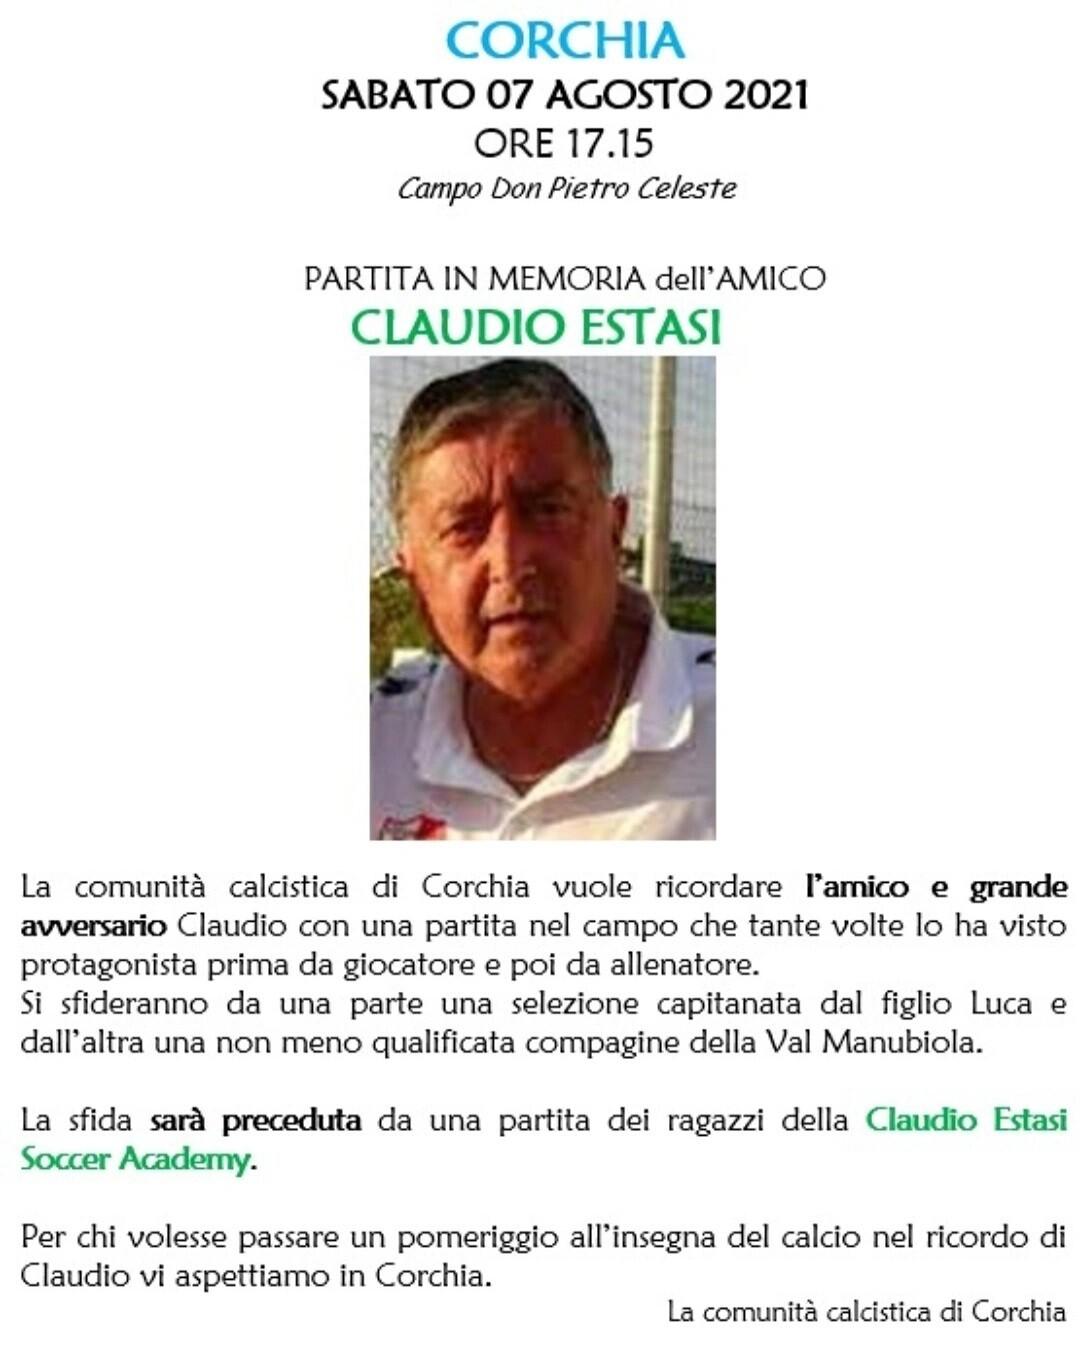 A Corchia partita in memoria di Claudio Estasi